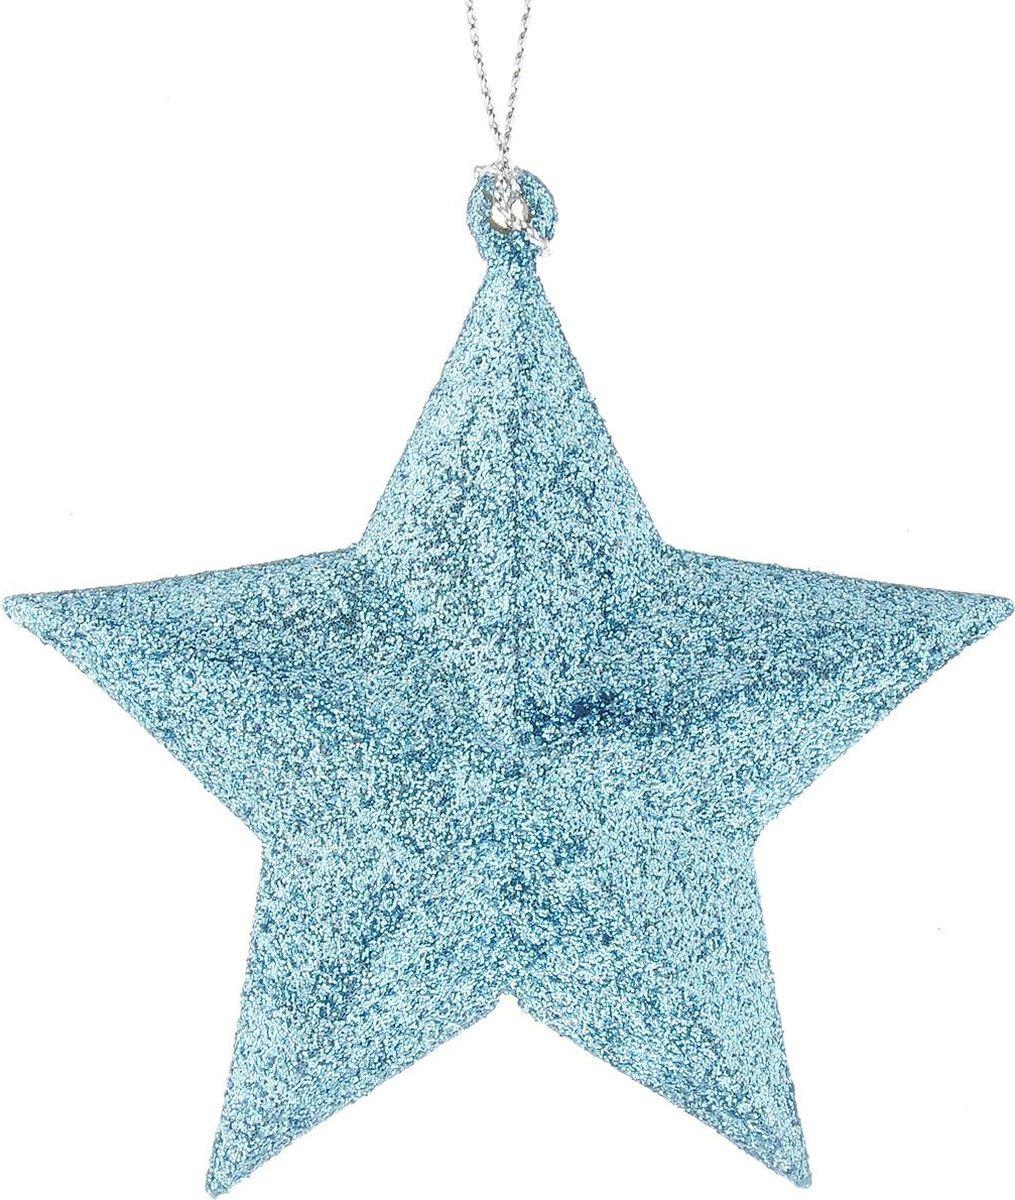 Новогоднее елочное украшение Magic Time Звезда в голубом глитере, 9 см украшение елочное звезда барокко 8 8 см черный золотой 1 шт в пакете